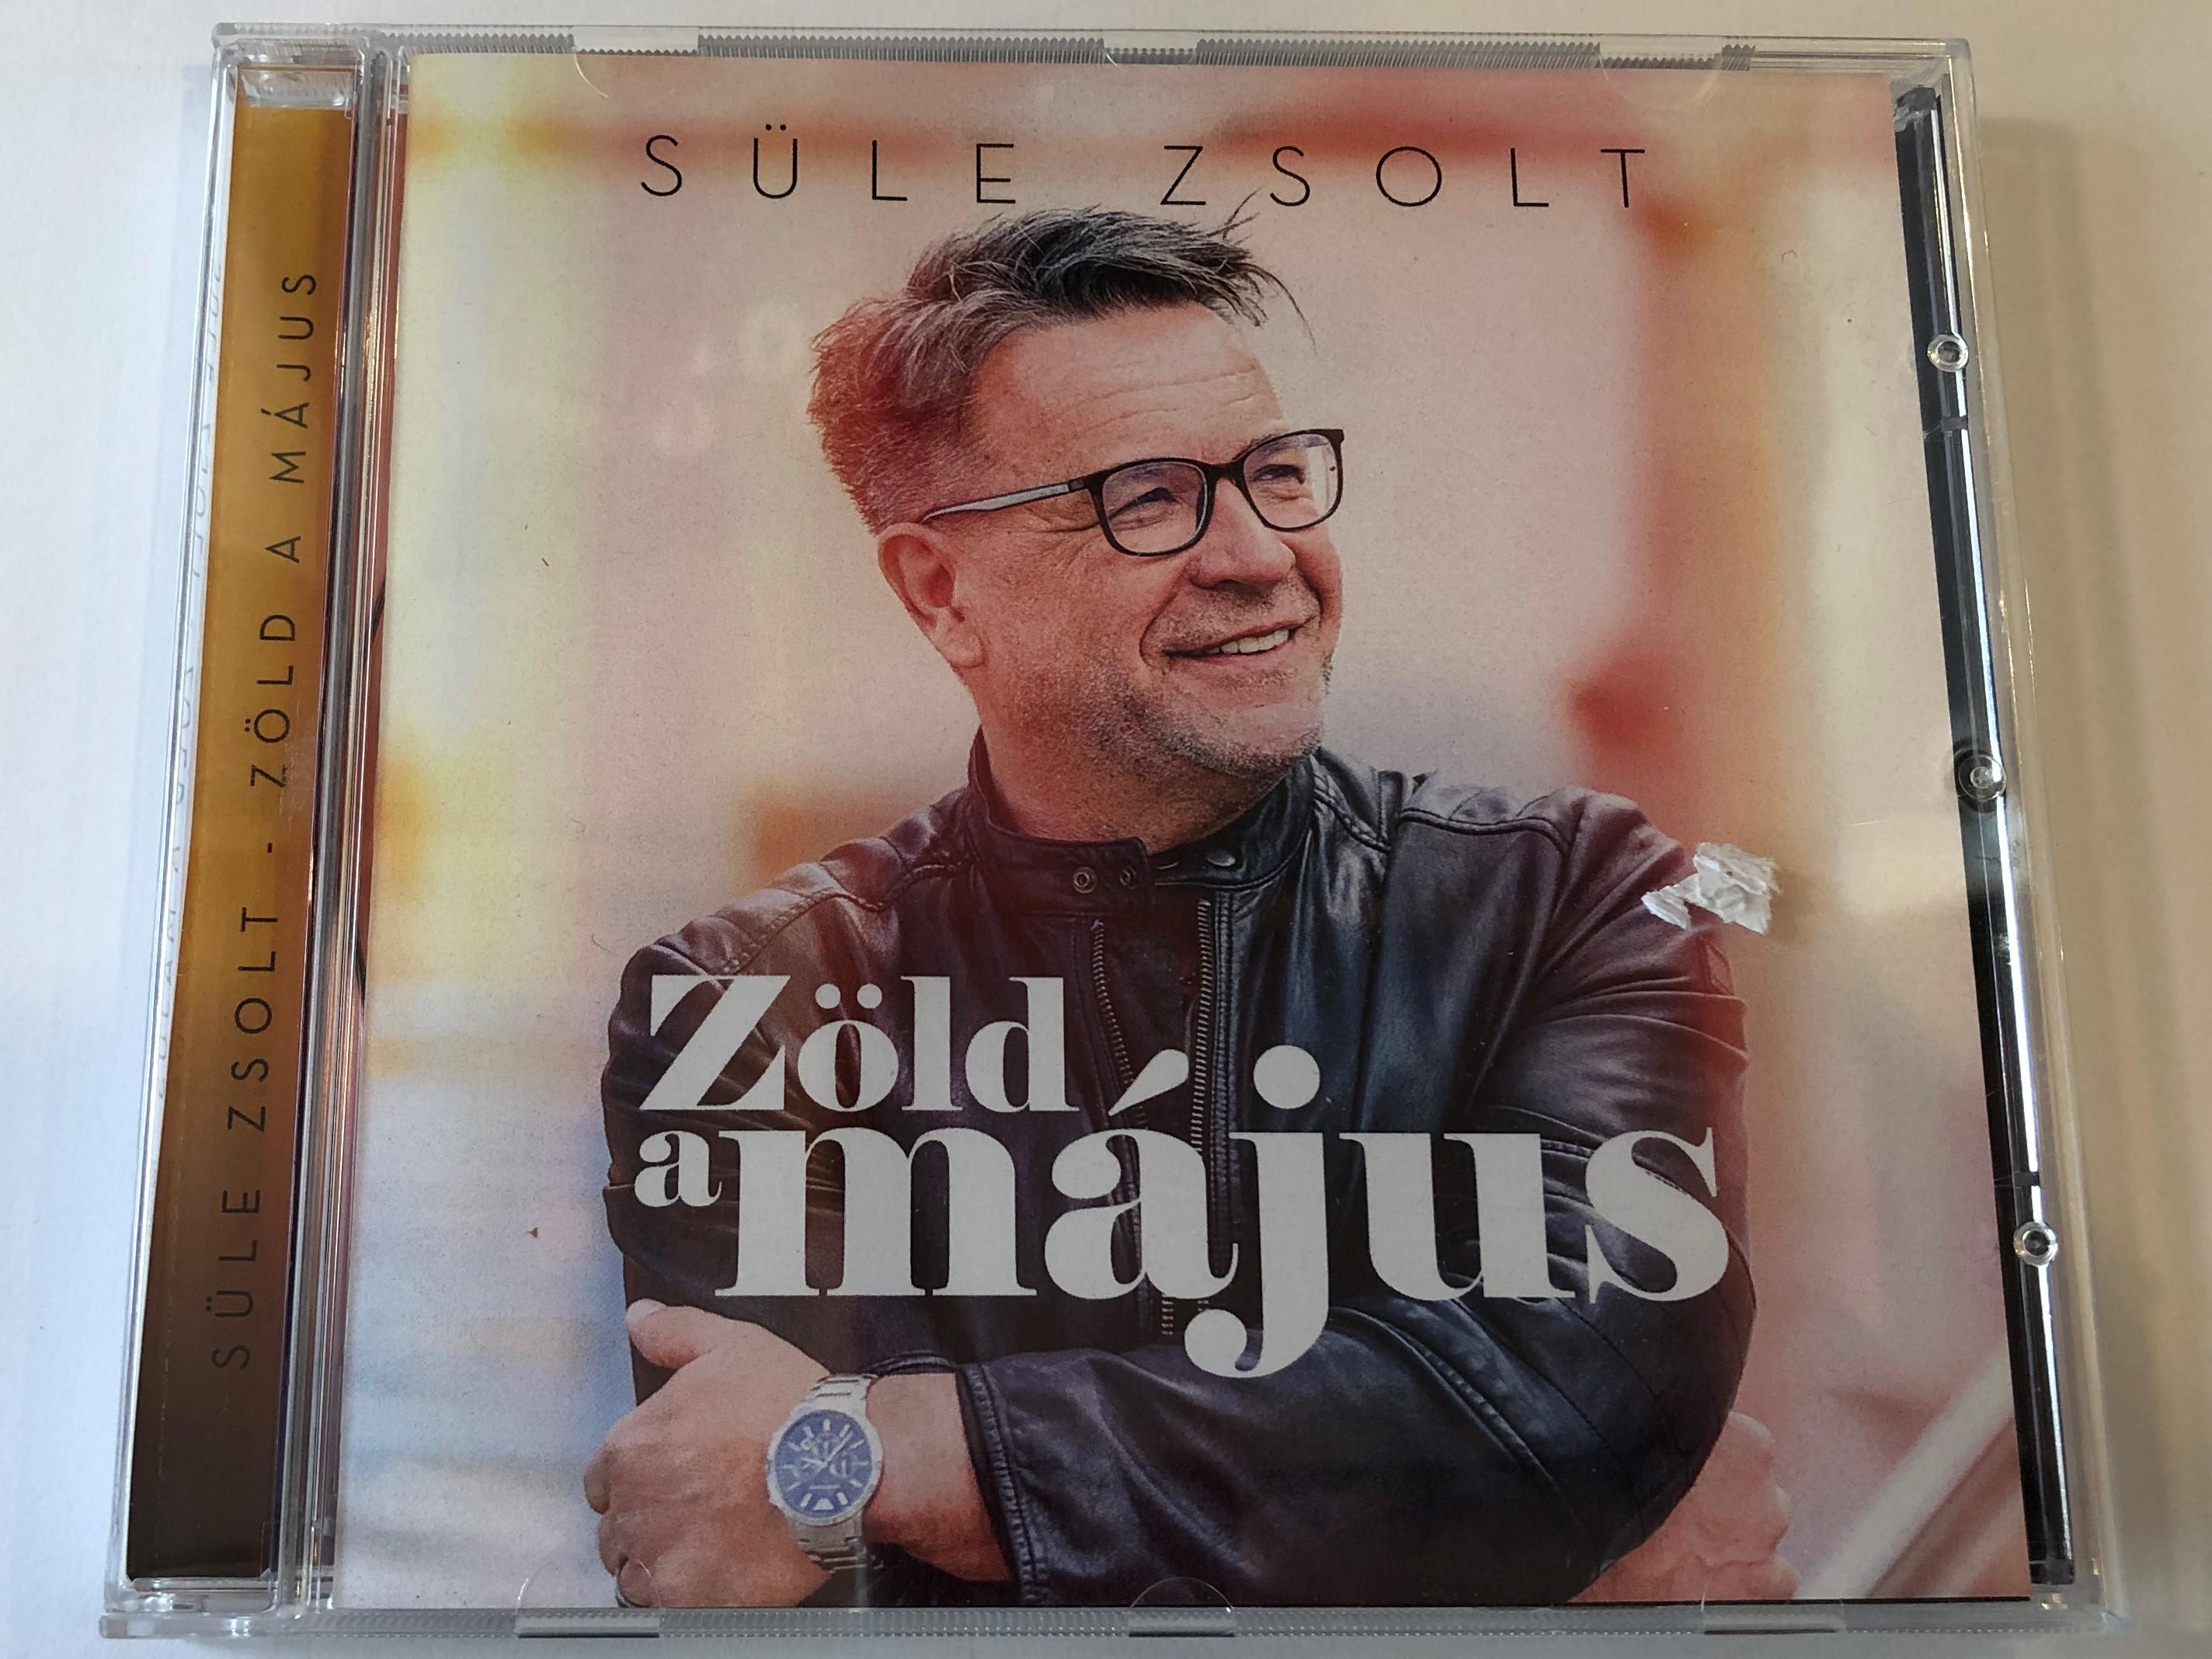 s-le-zsolt-z-ld-a-m-jus-magneoton-audio-cd-2018-5999860032410-1-.jpg